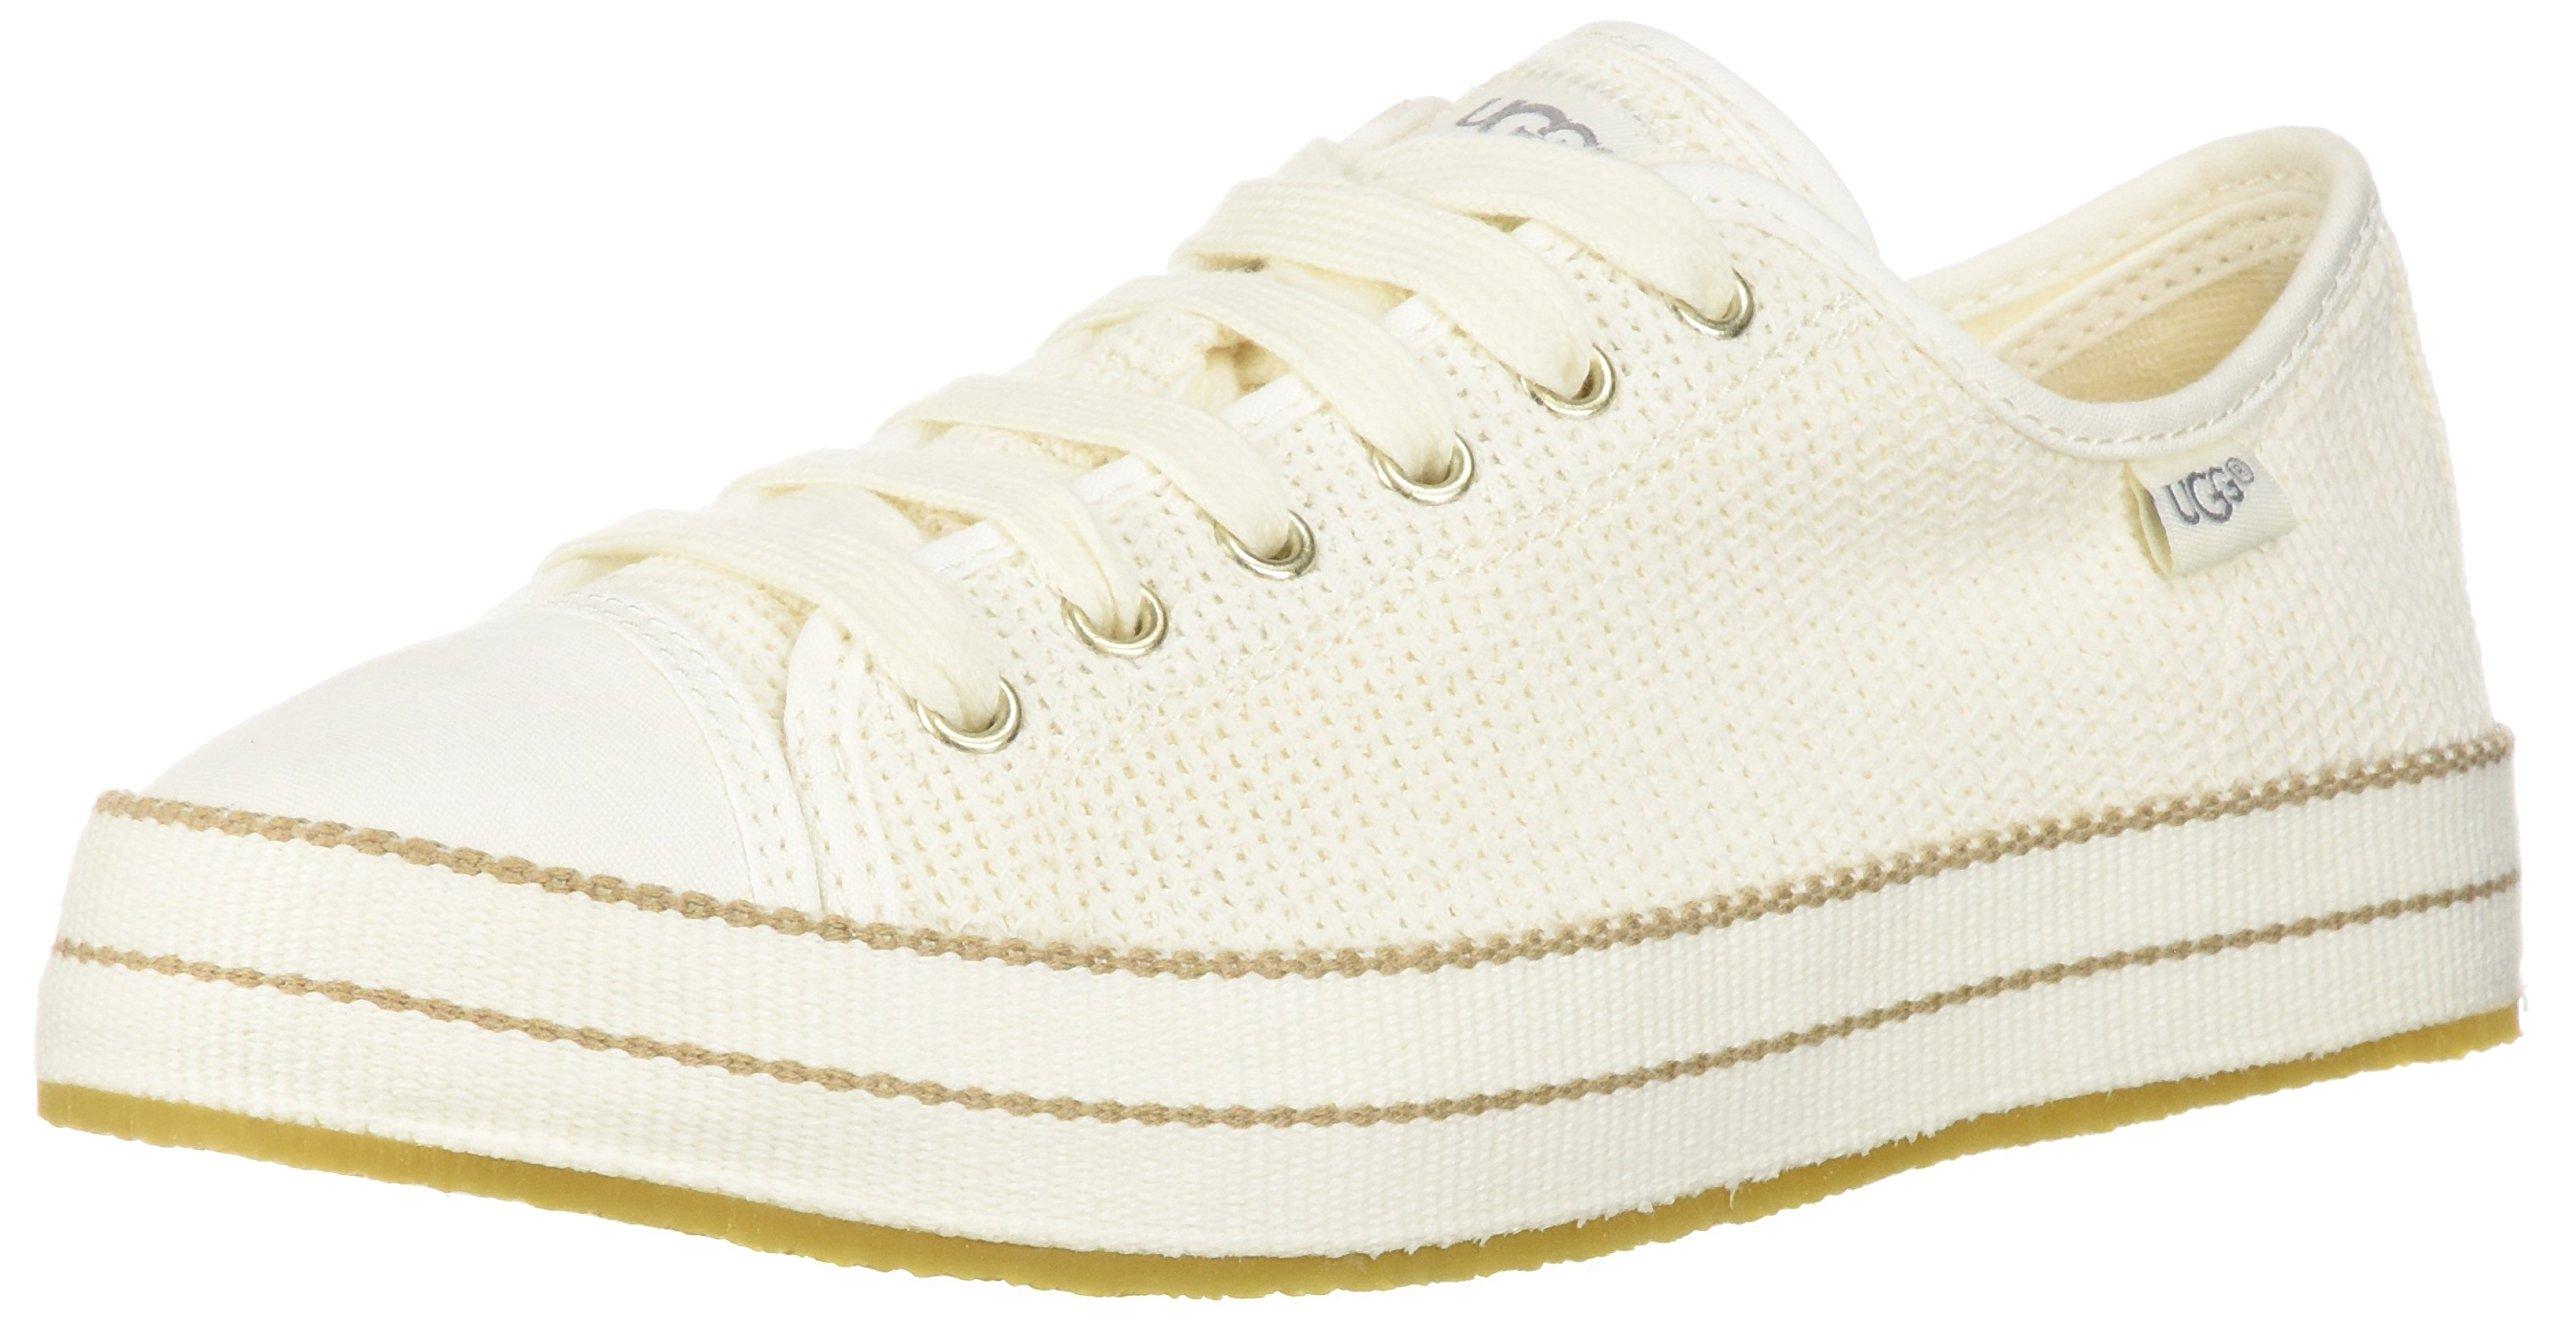 UGG Women's Claudi Sneaker, Natural, 6 M US